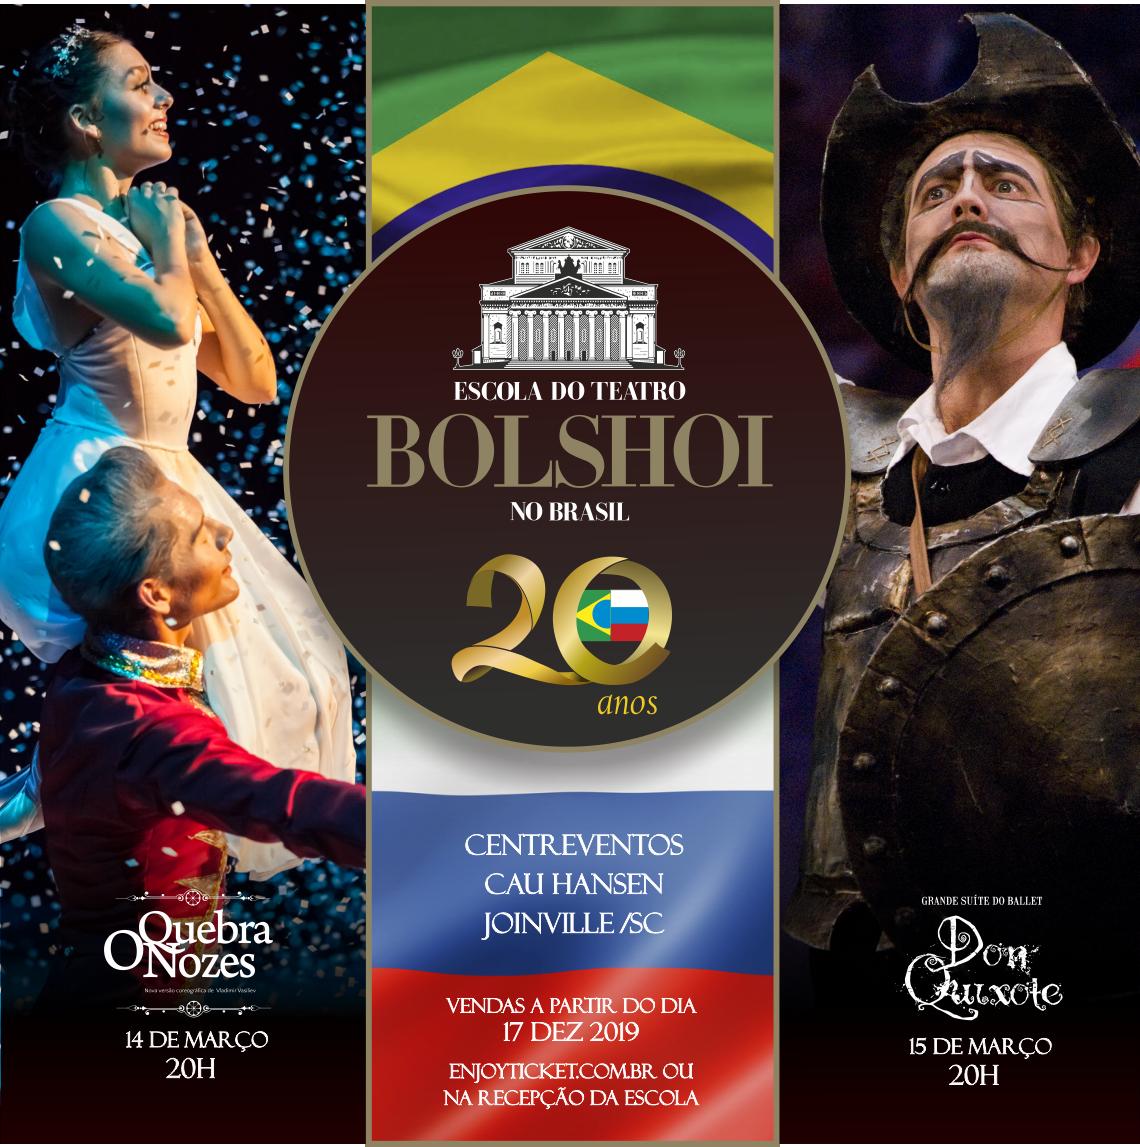 Conheça a programação dos 20 anos do Bolshoi no Brasil